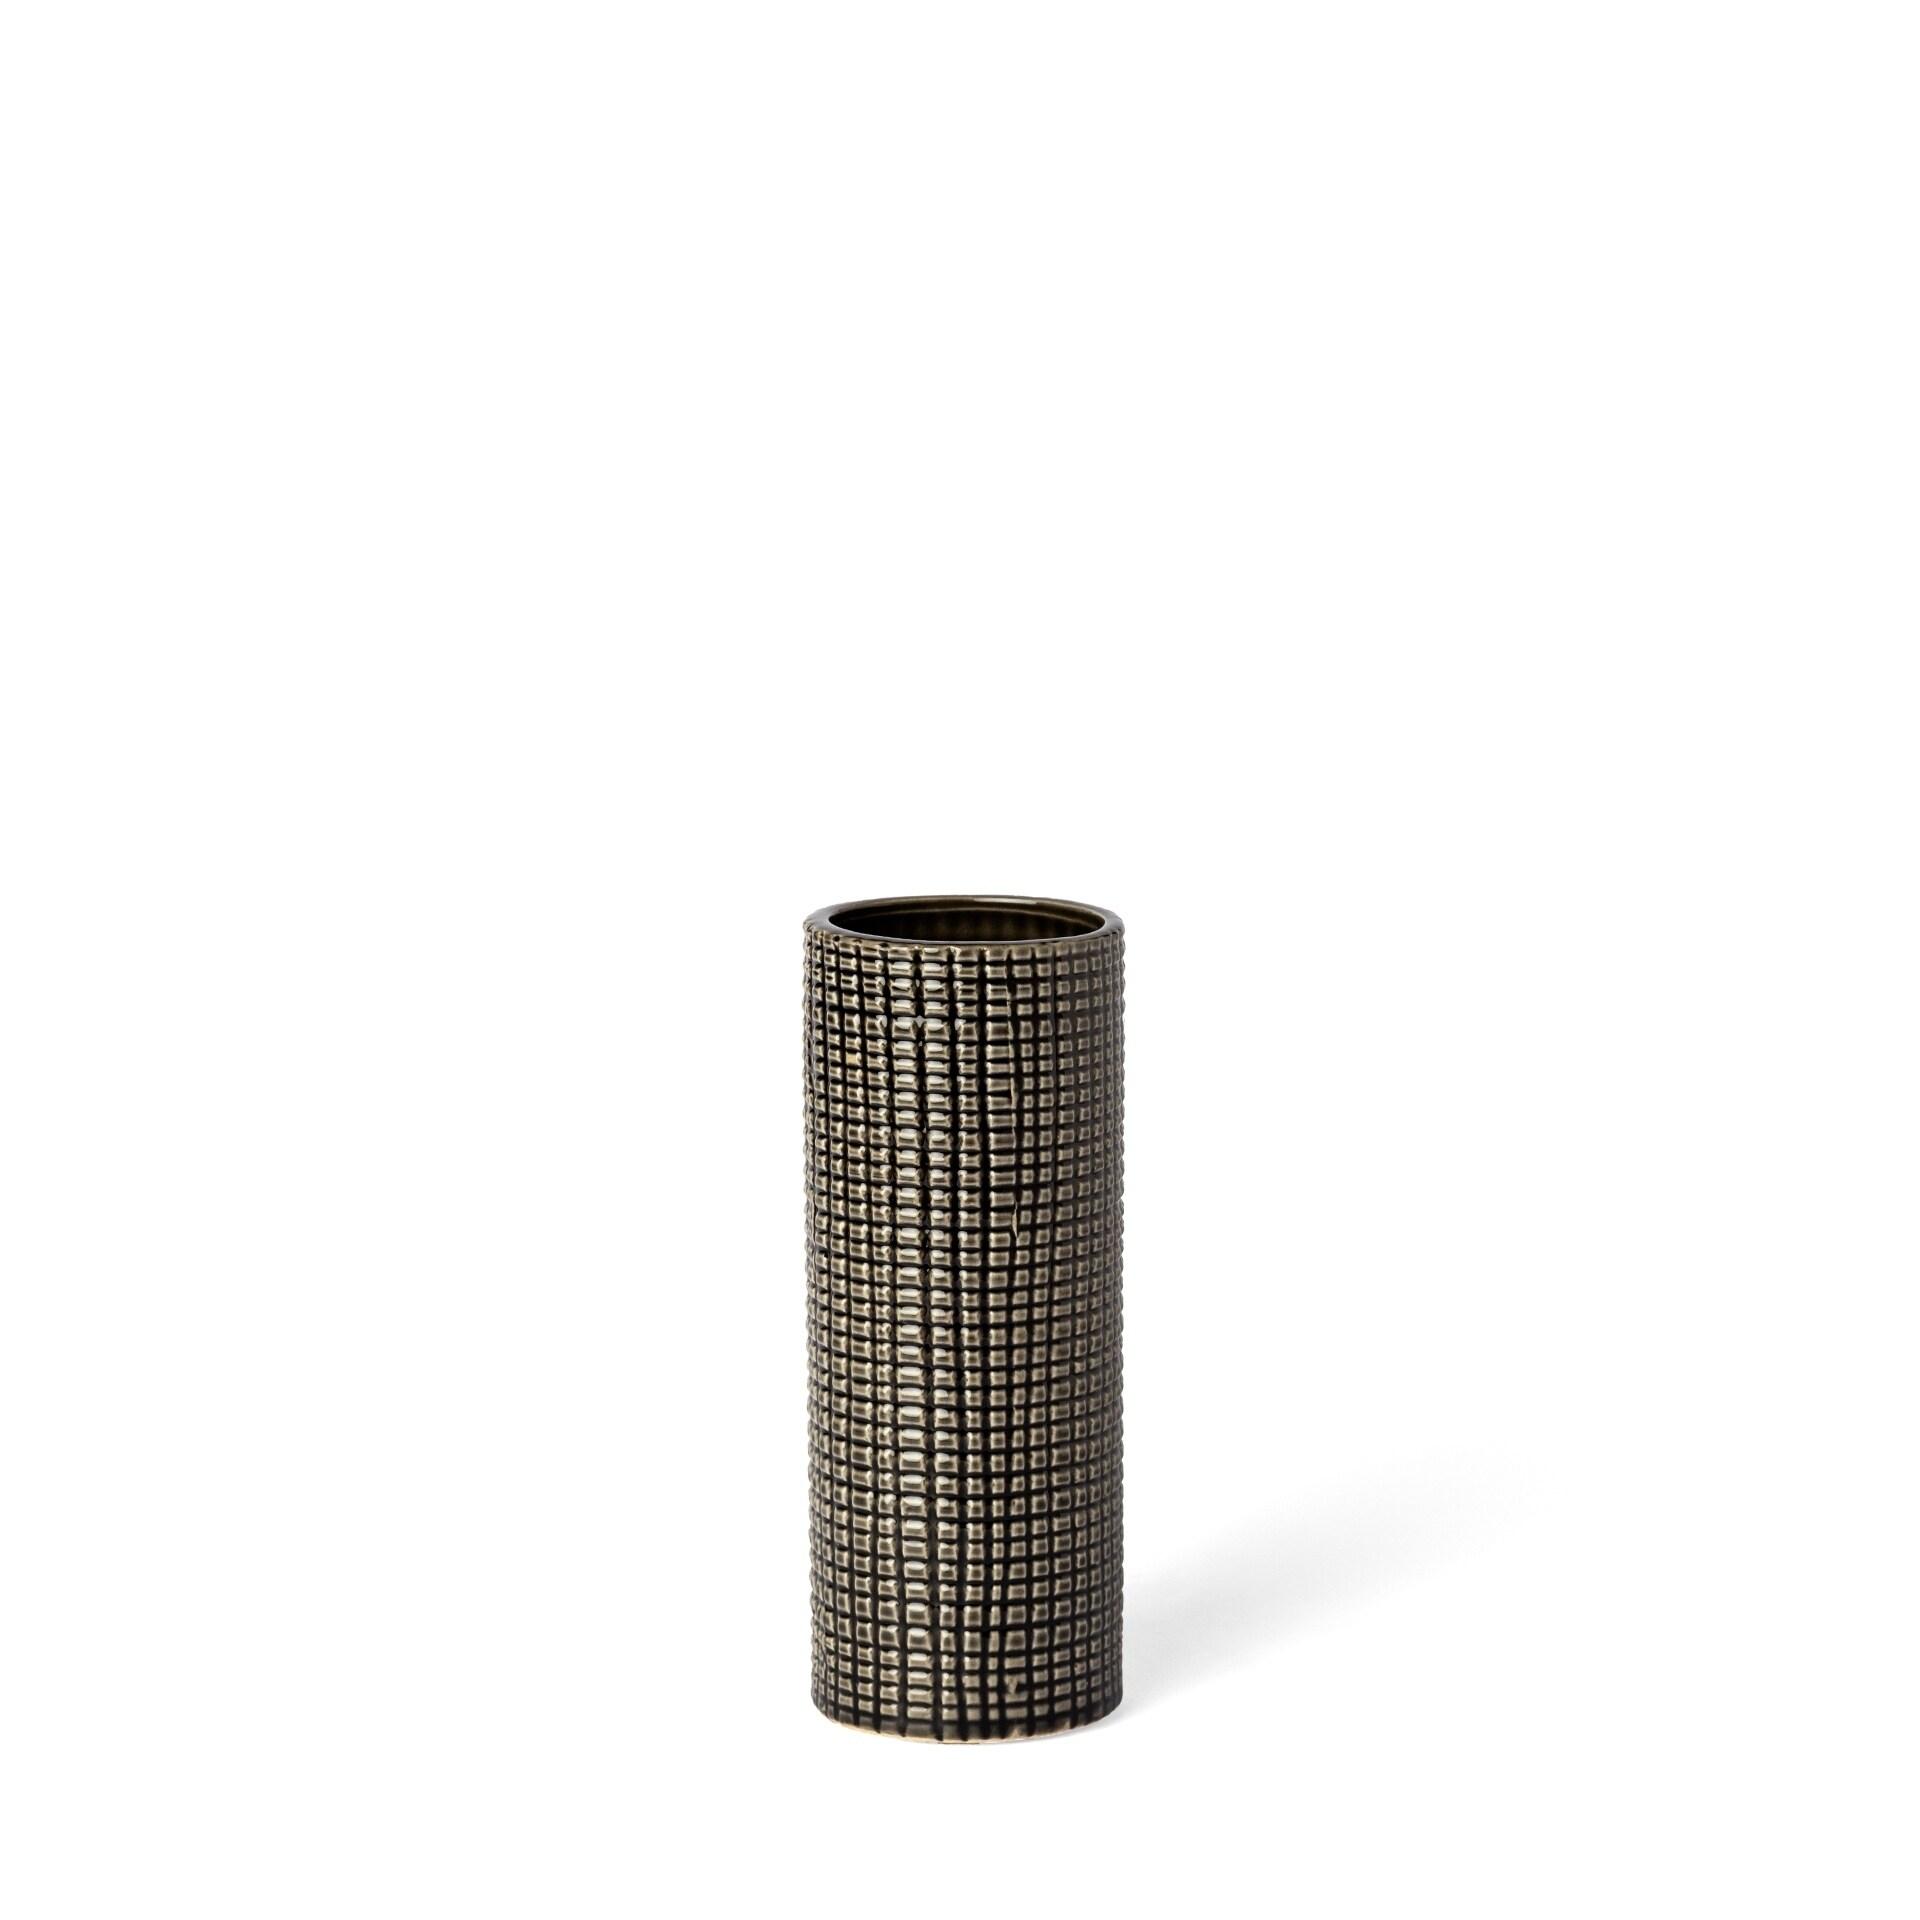 Mercana Kona I (Small) Vase